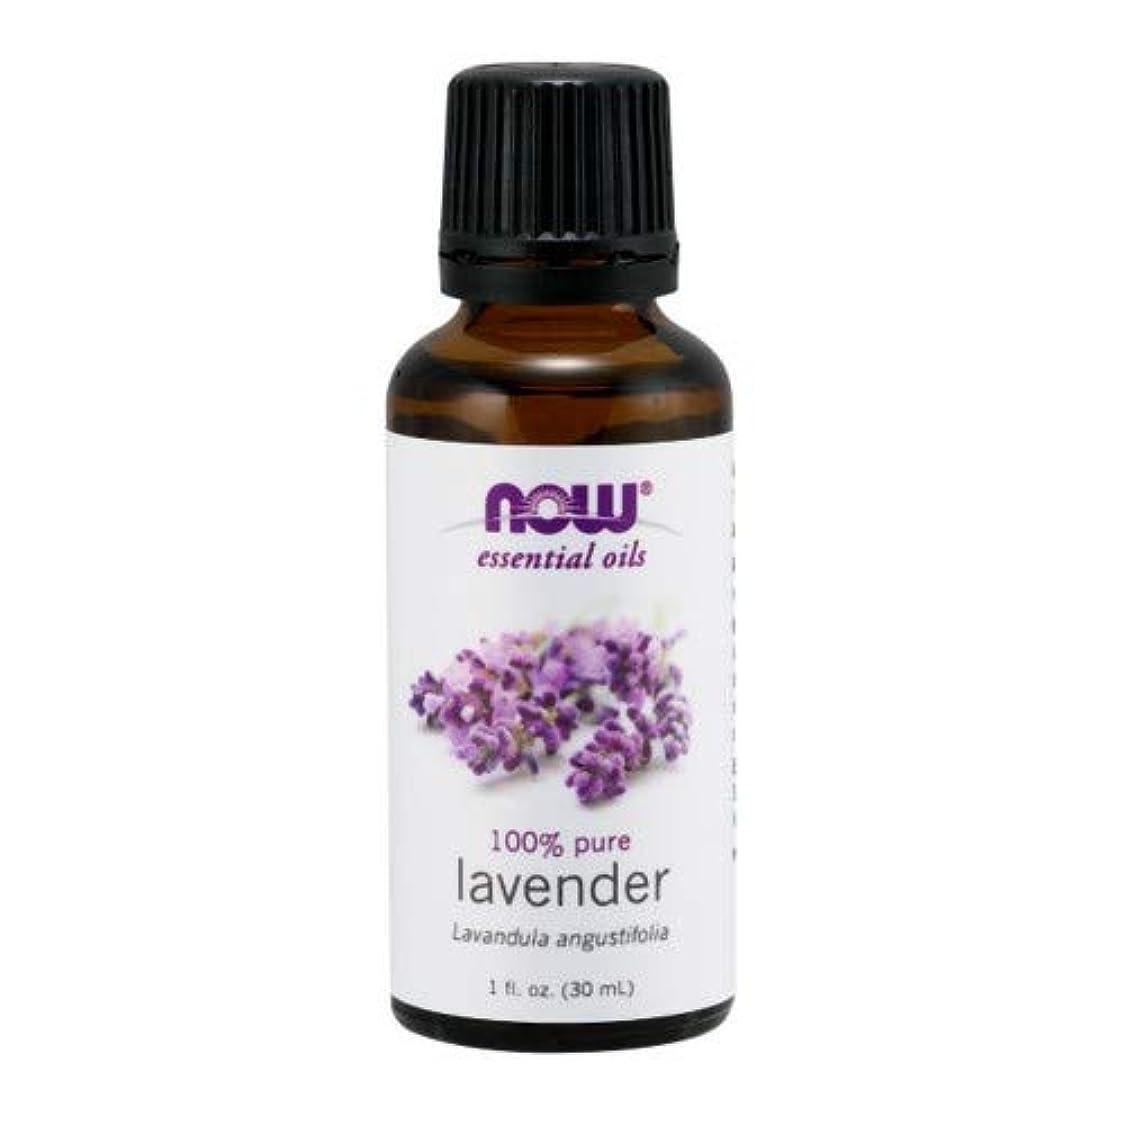 探偵すりホバートエッセンシャルオイル ラベンダーオイル 30ml 2個セット ナウフーズ 並行輸入品 NOW Foods Essential Oils Lavender 1 oz Pack of 2